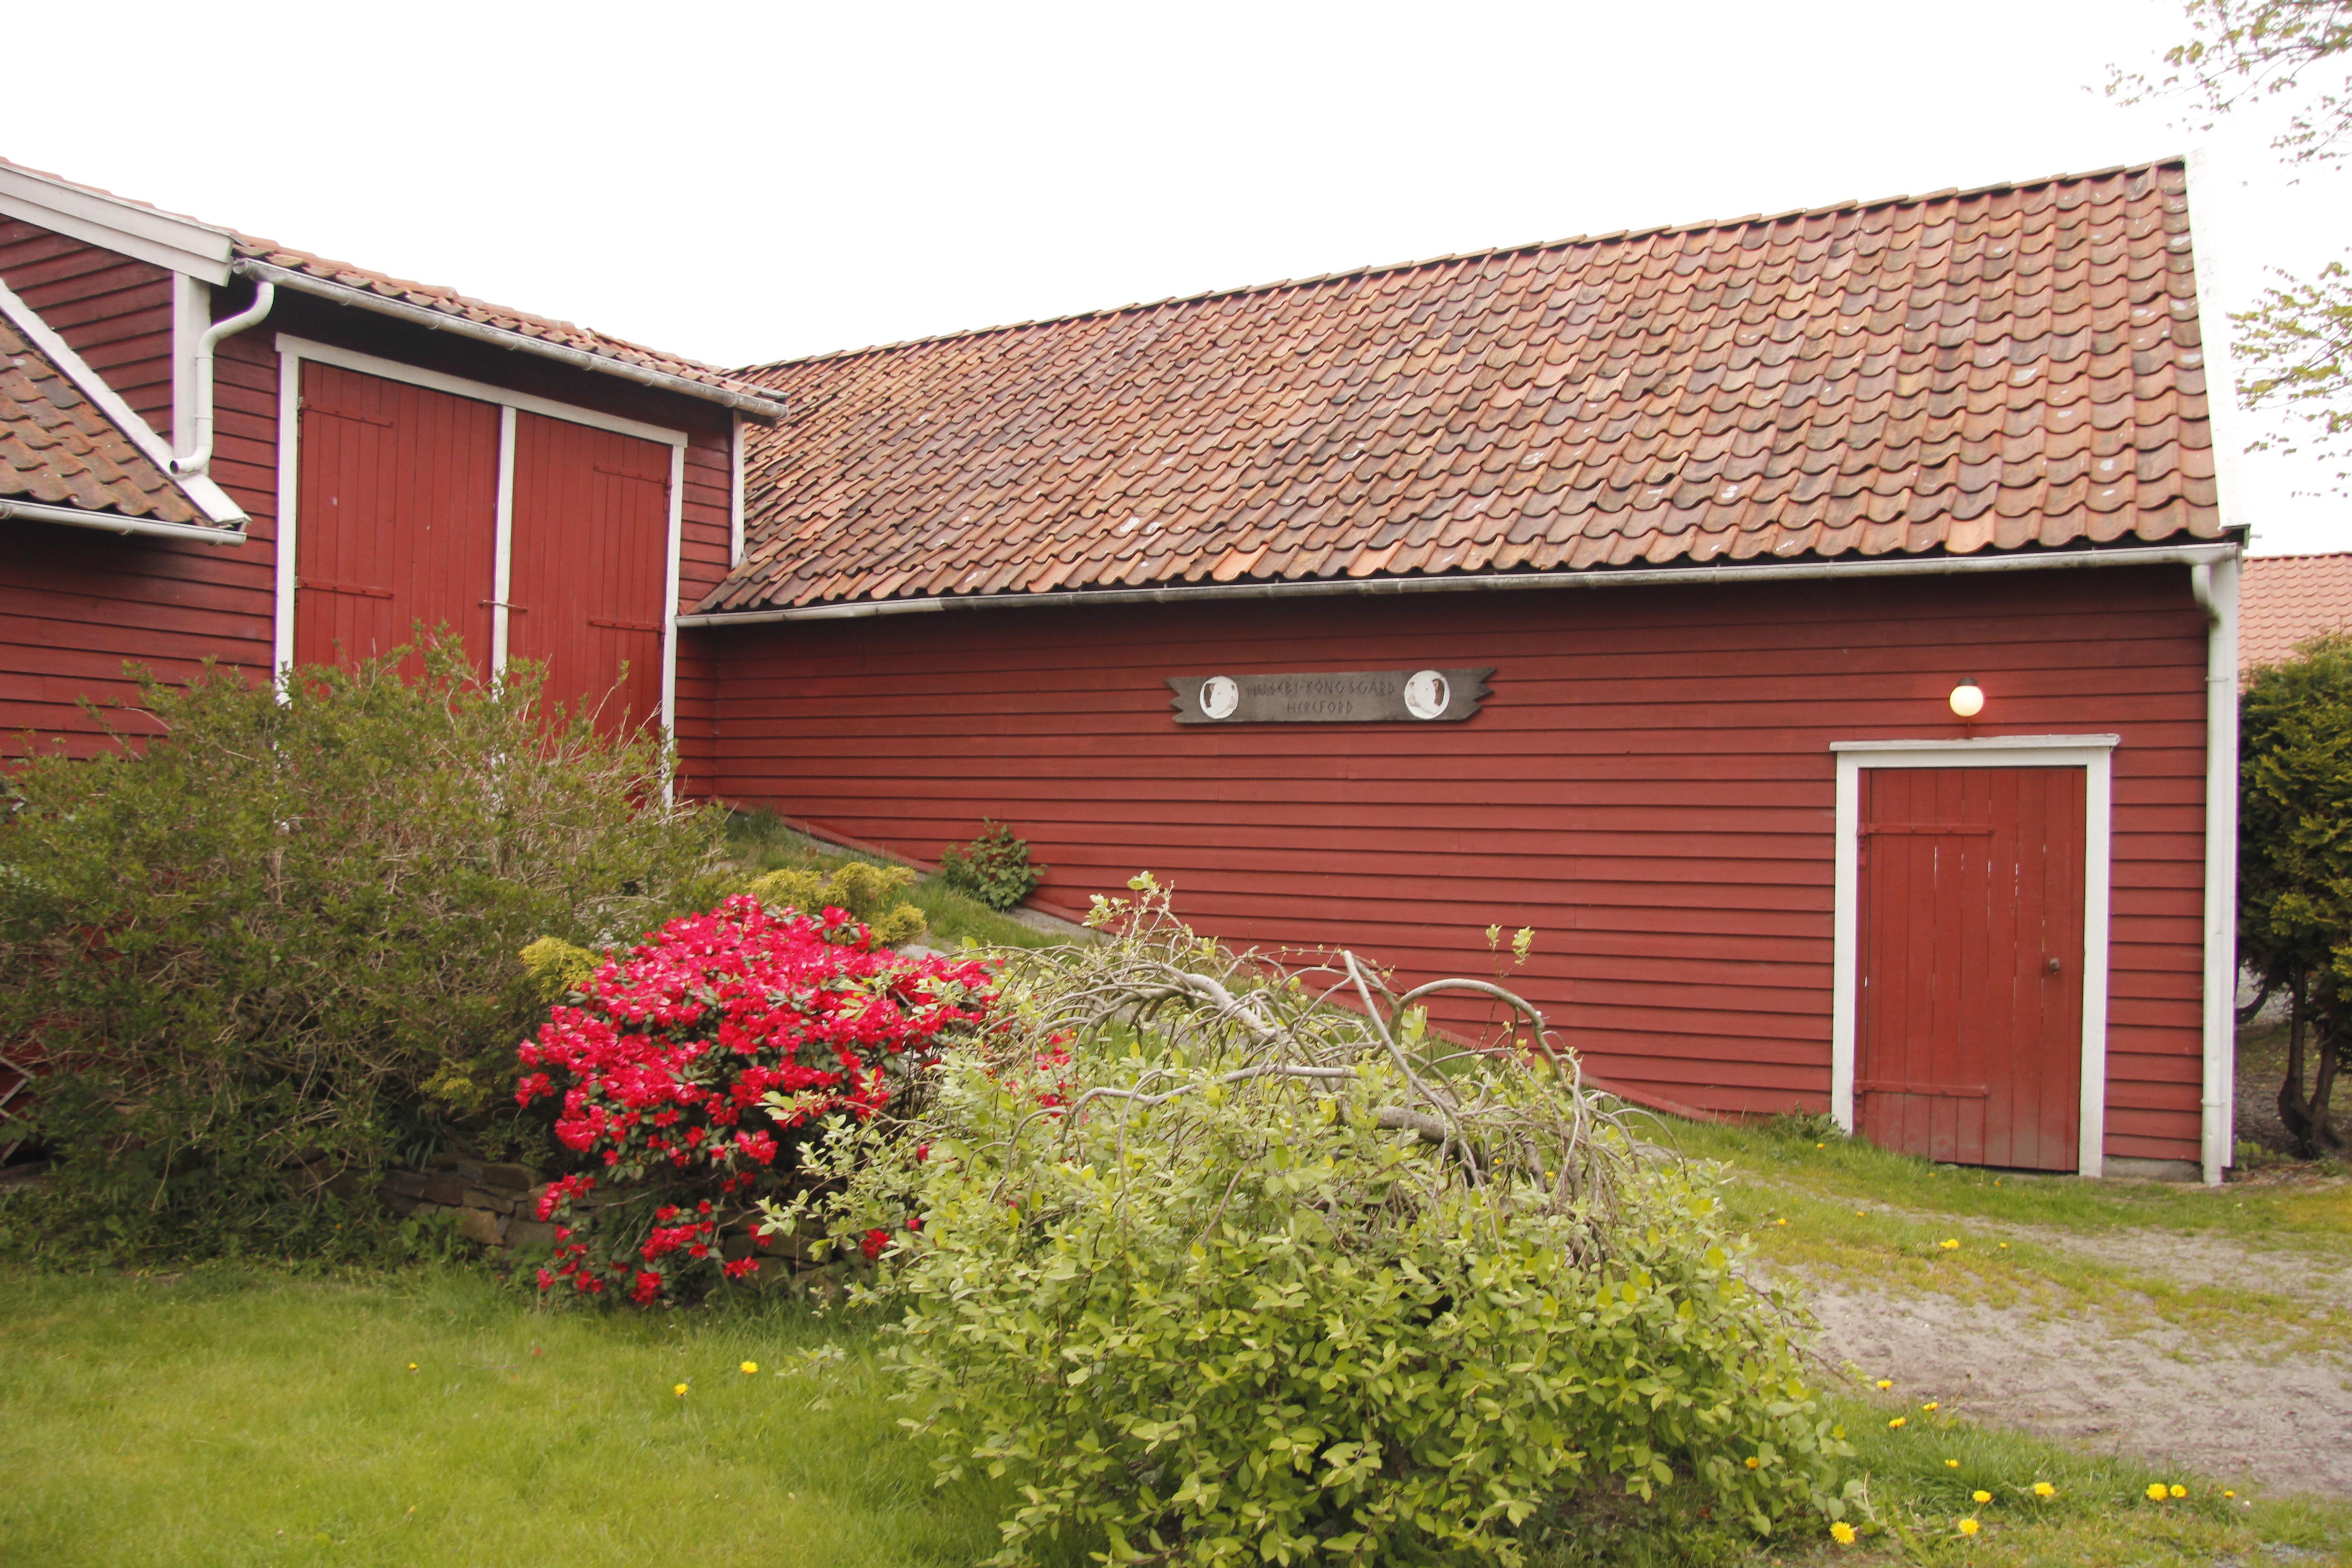 Driftsbygningen/ låven som i 1870 ble gjenreist på muren av en eldre bygning og har fått flere påbygninger i etterkant. Foto: Marit Vestvik Riksantikvaren